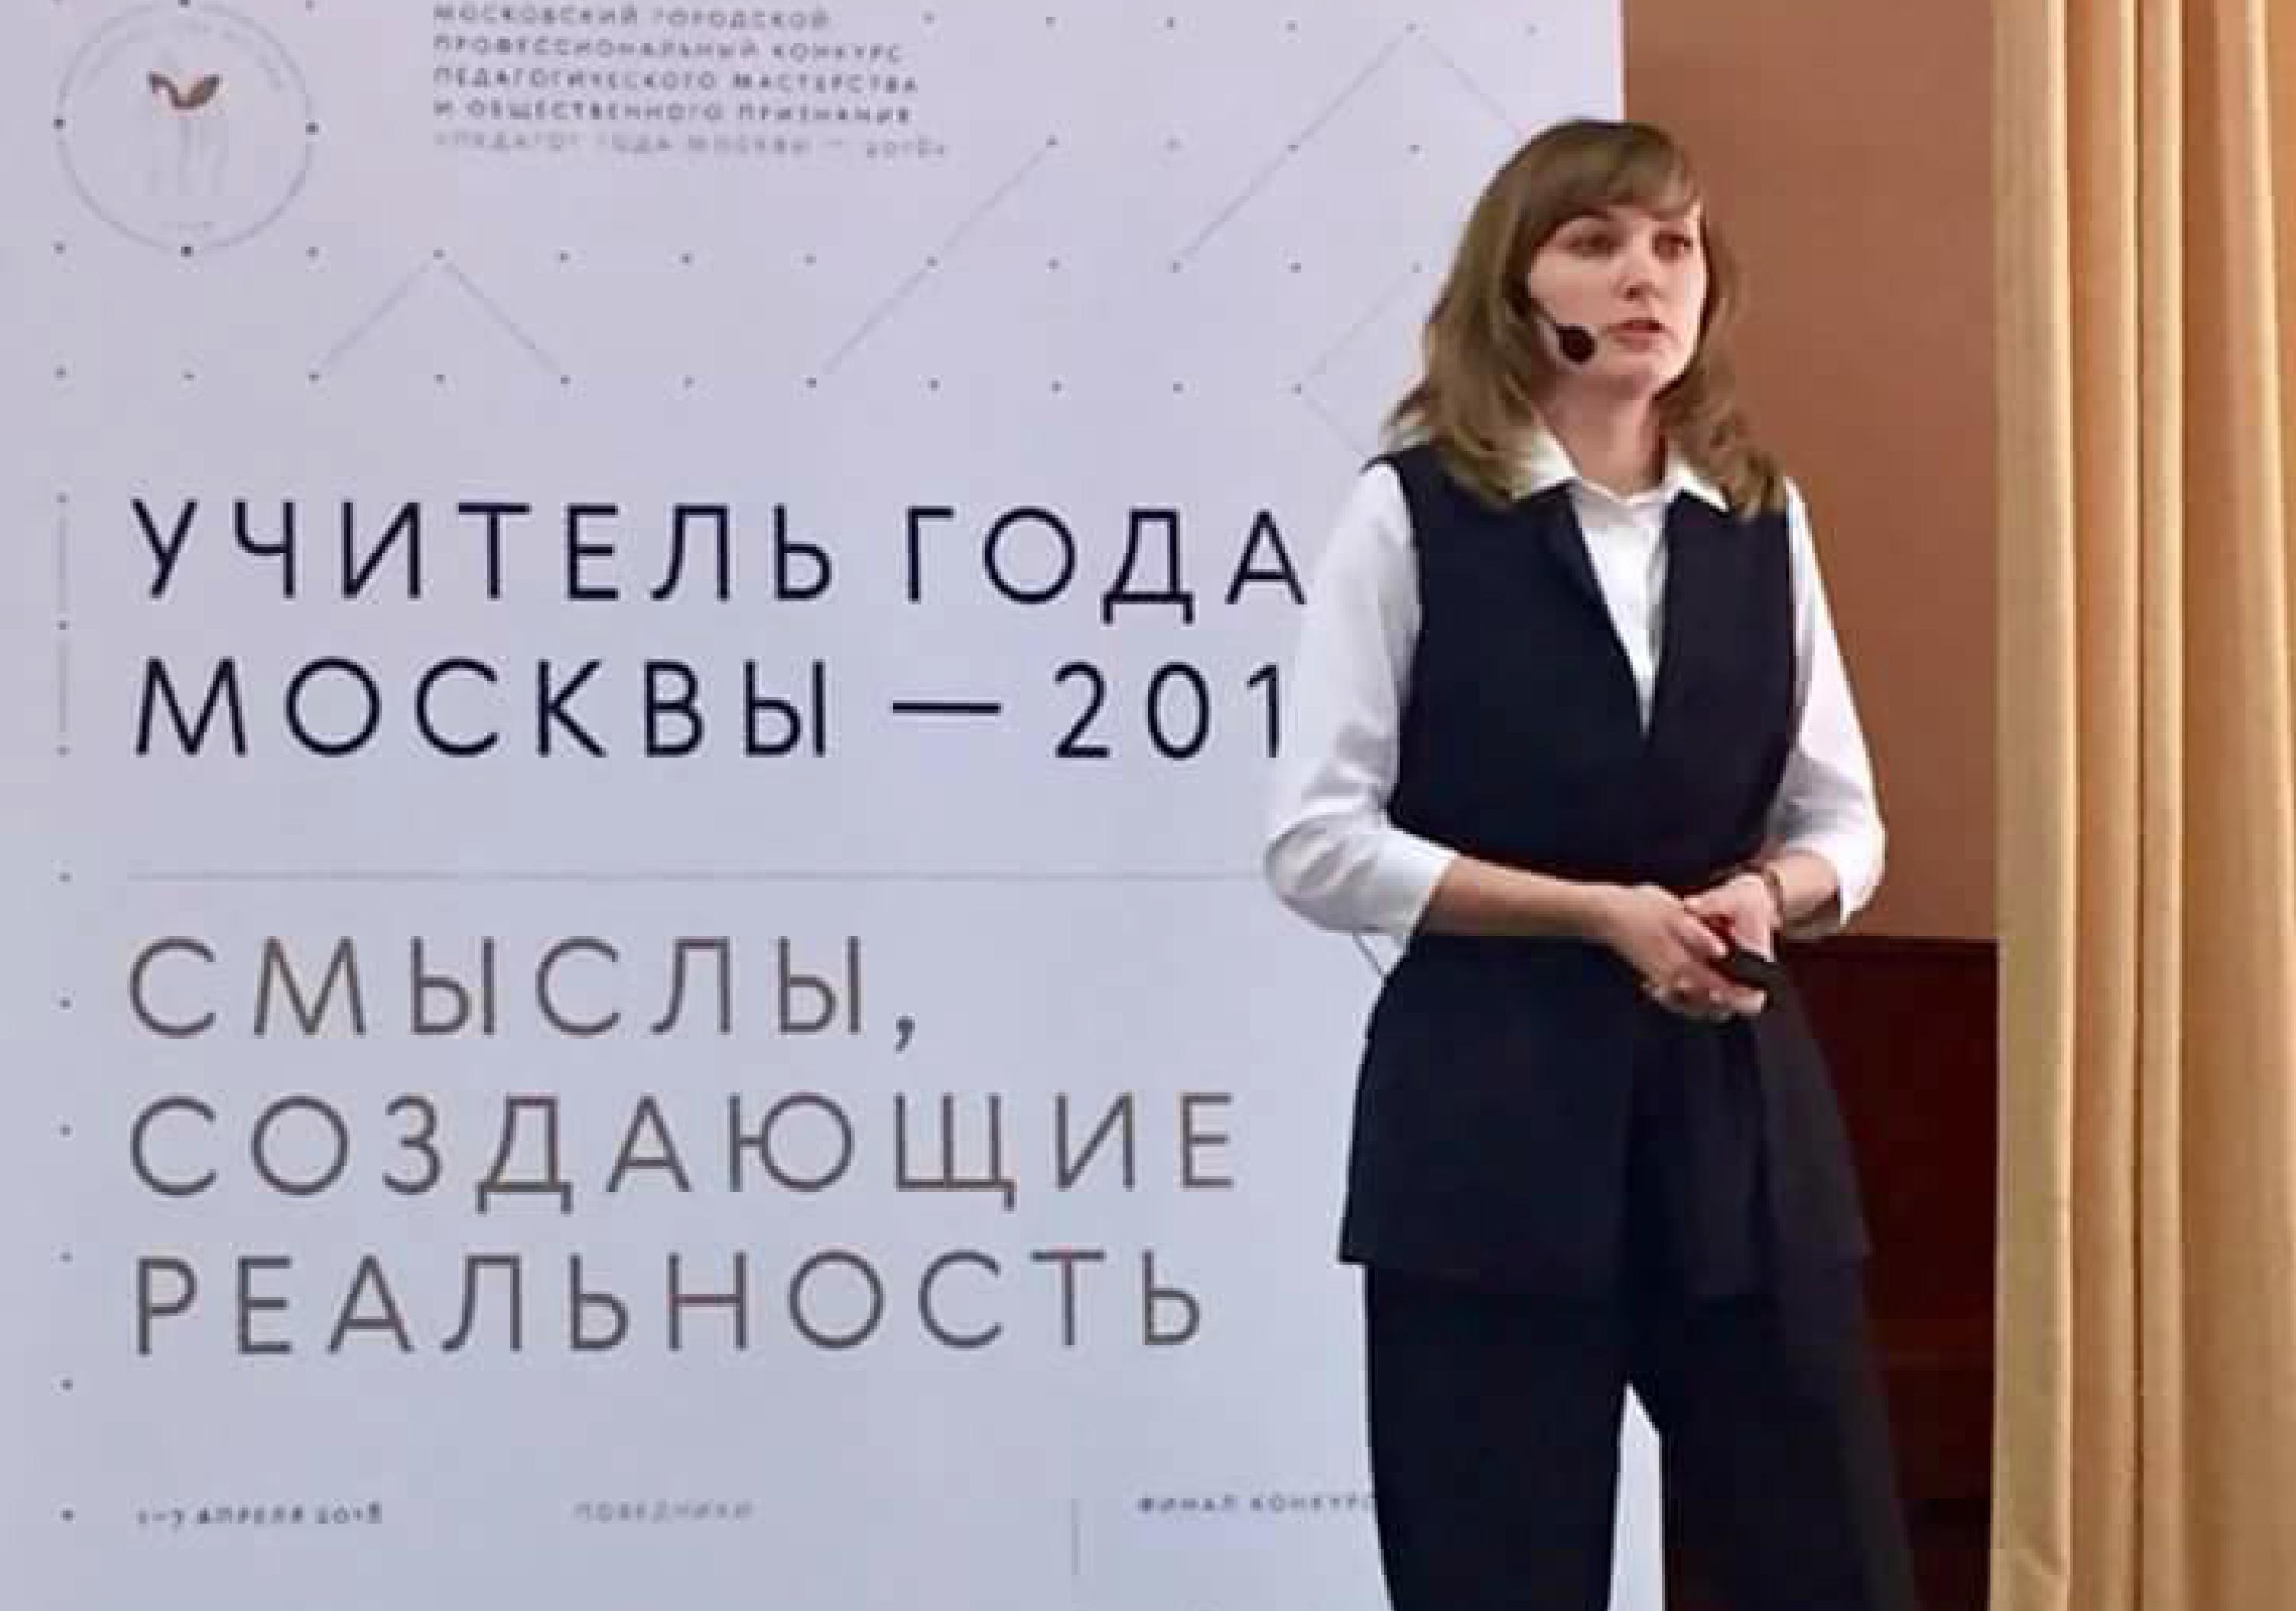 Студентка МГПУ вфинале конкурса «Учитель года Москвы— 2018»